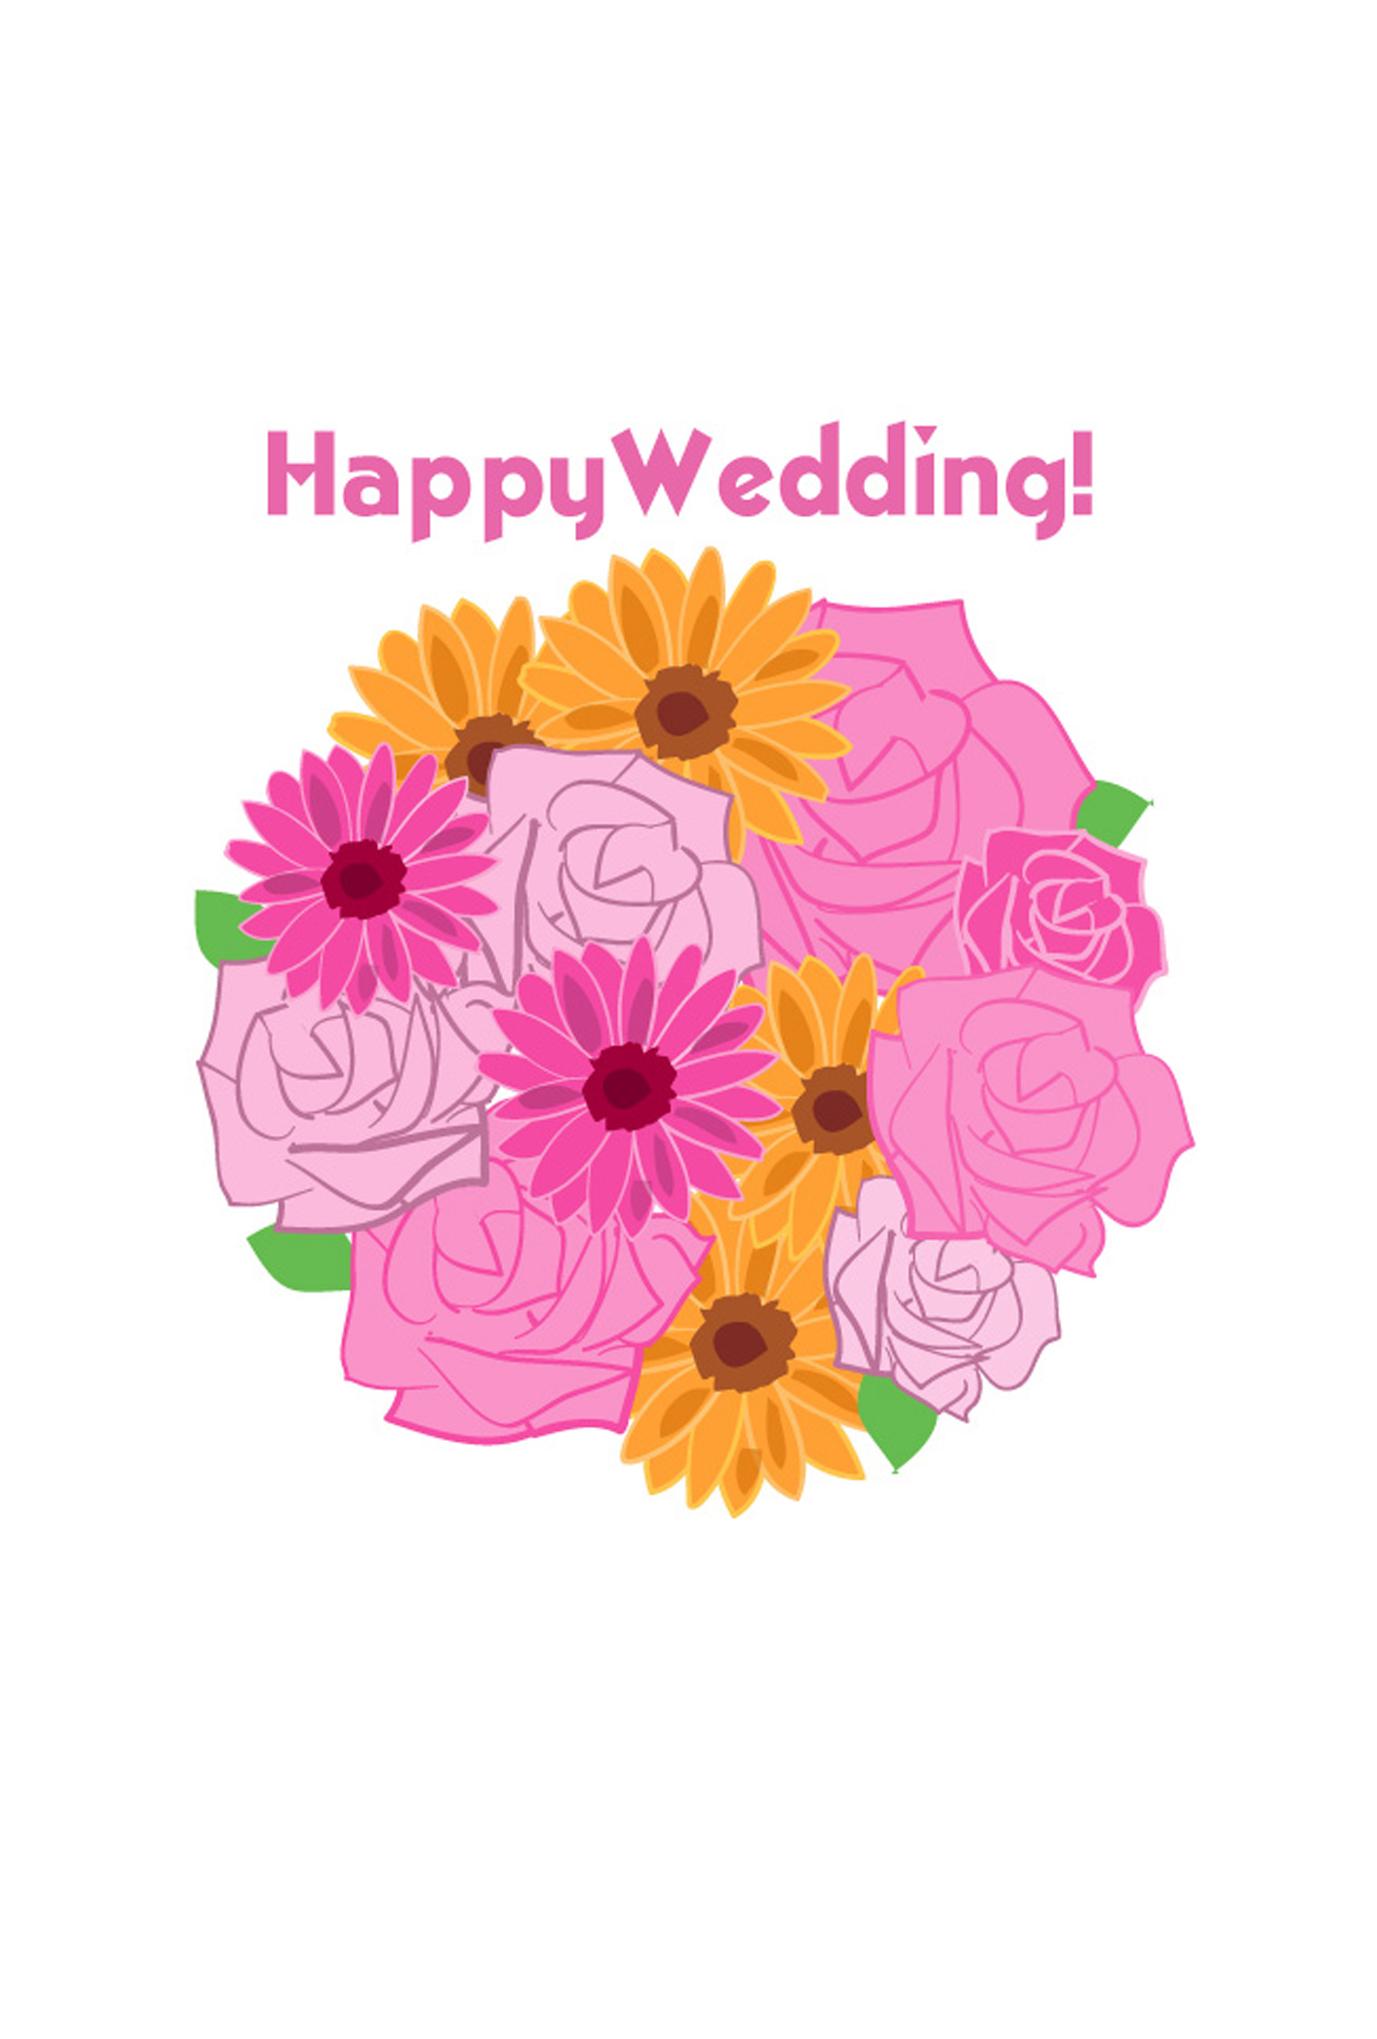 はがきテンプレート・ブーケダウンロード : 【結婚祝い おめでとう